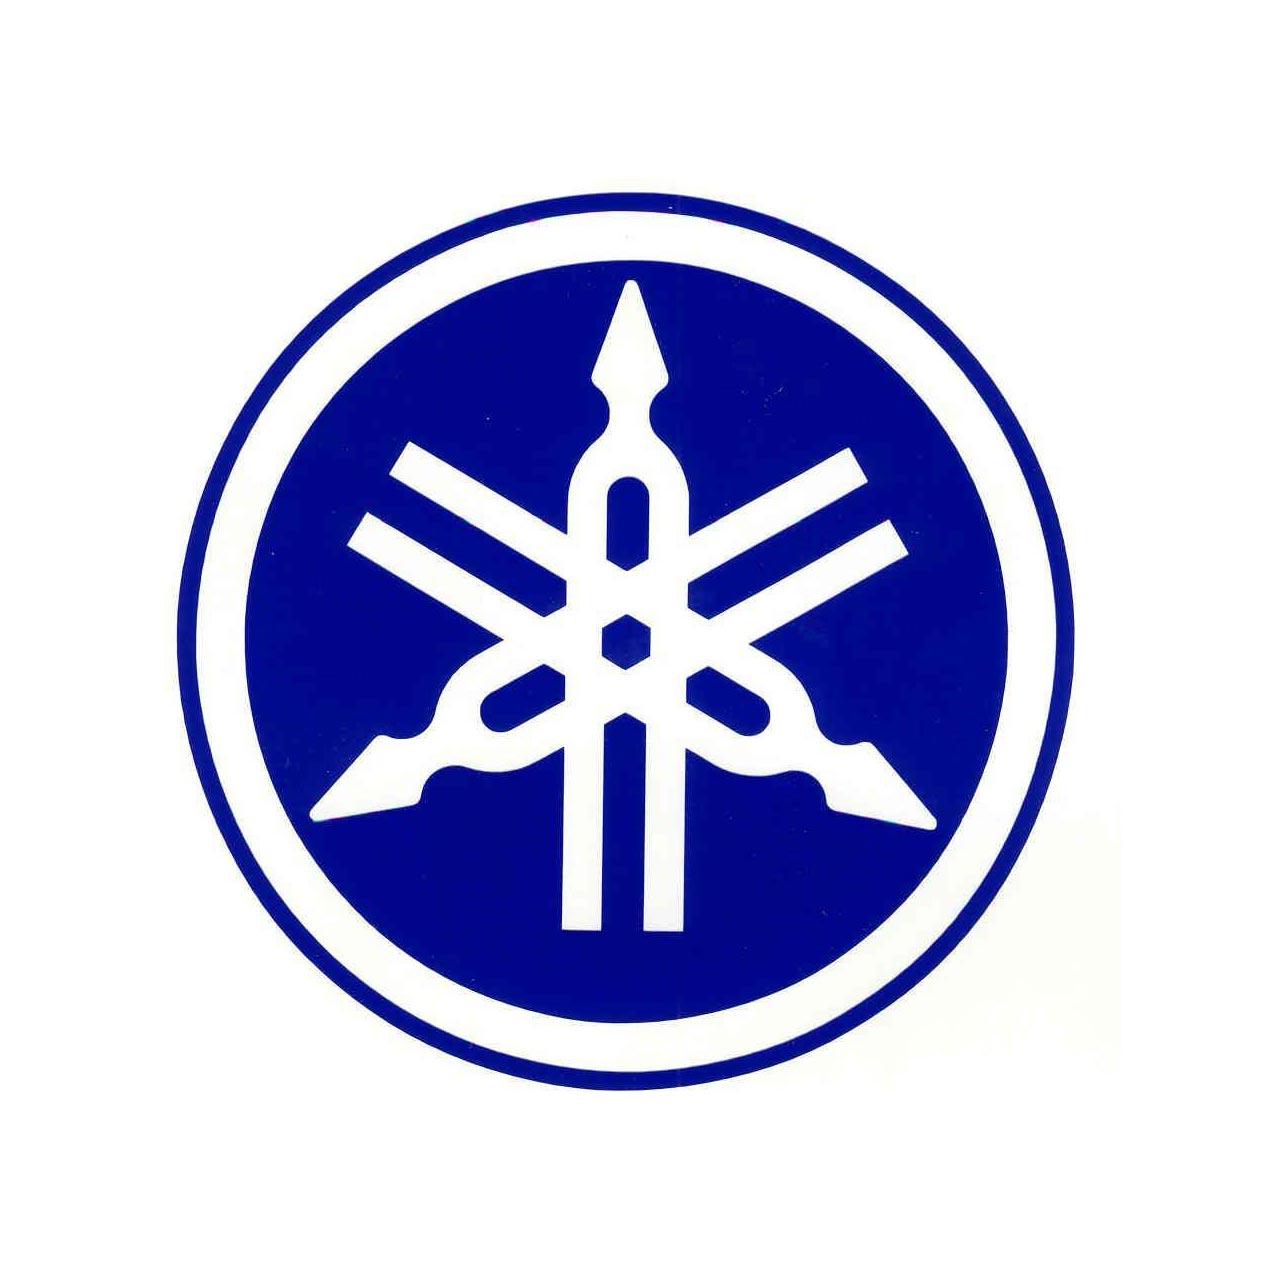 yamaha logo free2pngcom - photo #20